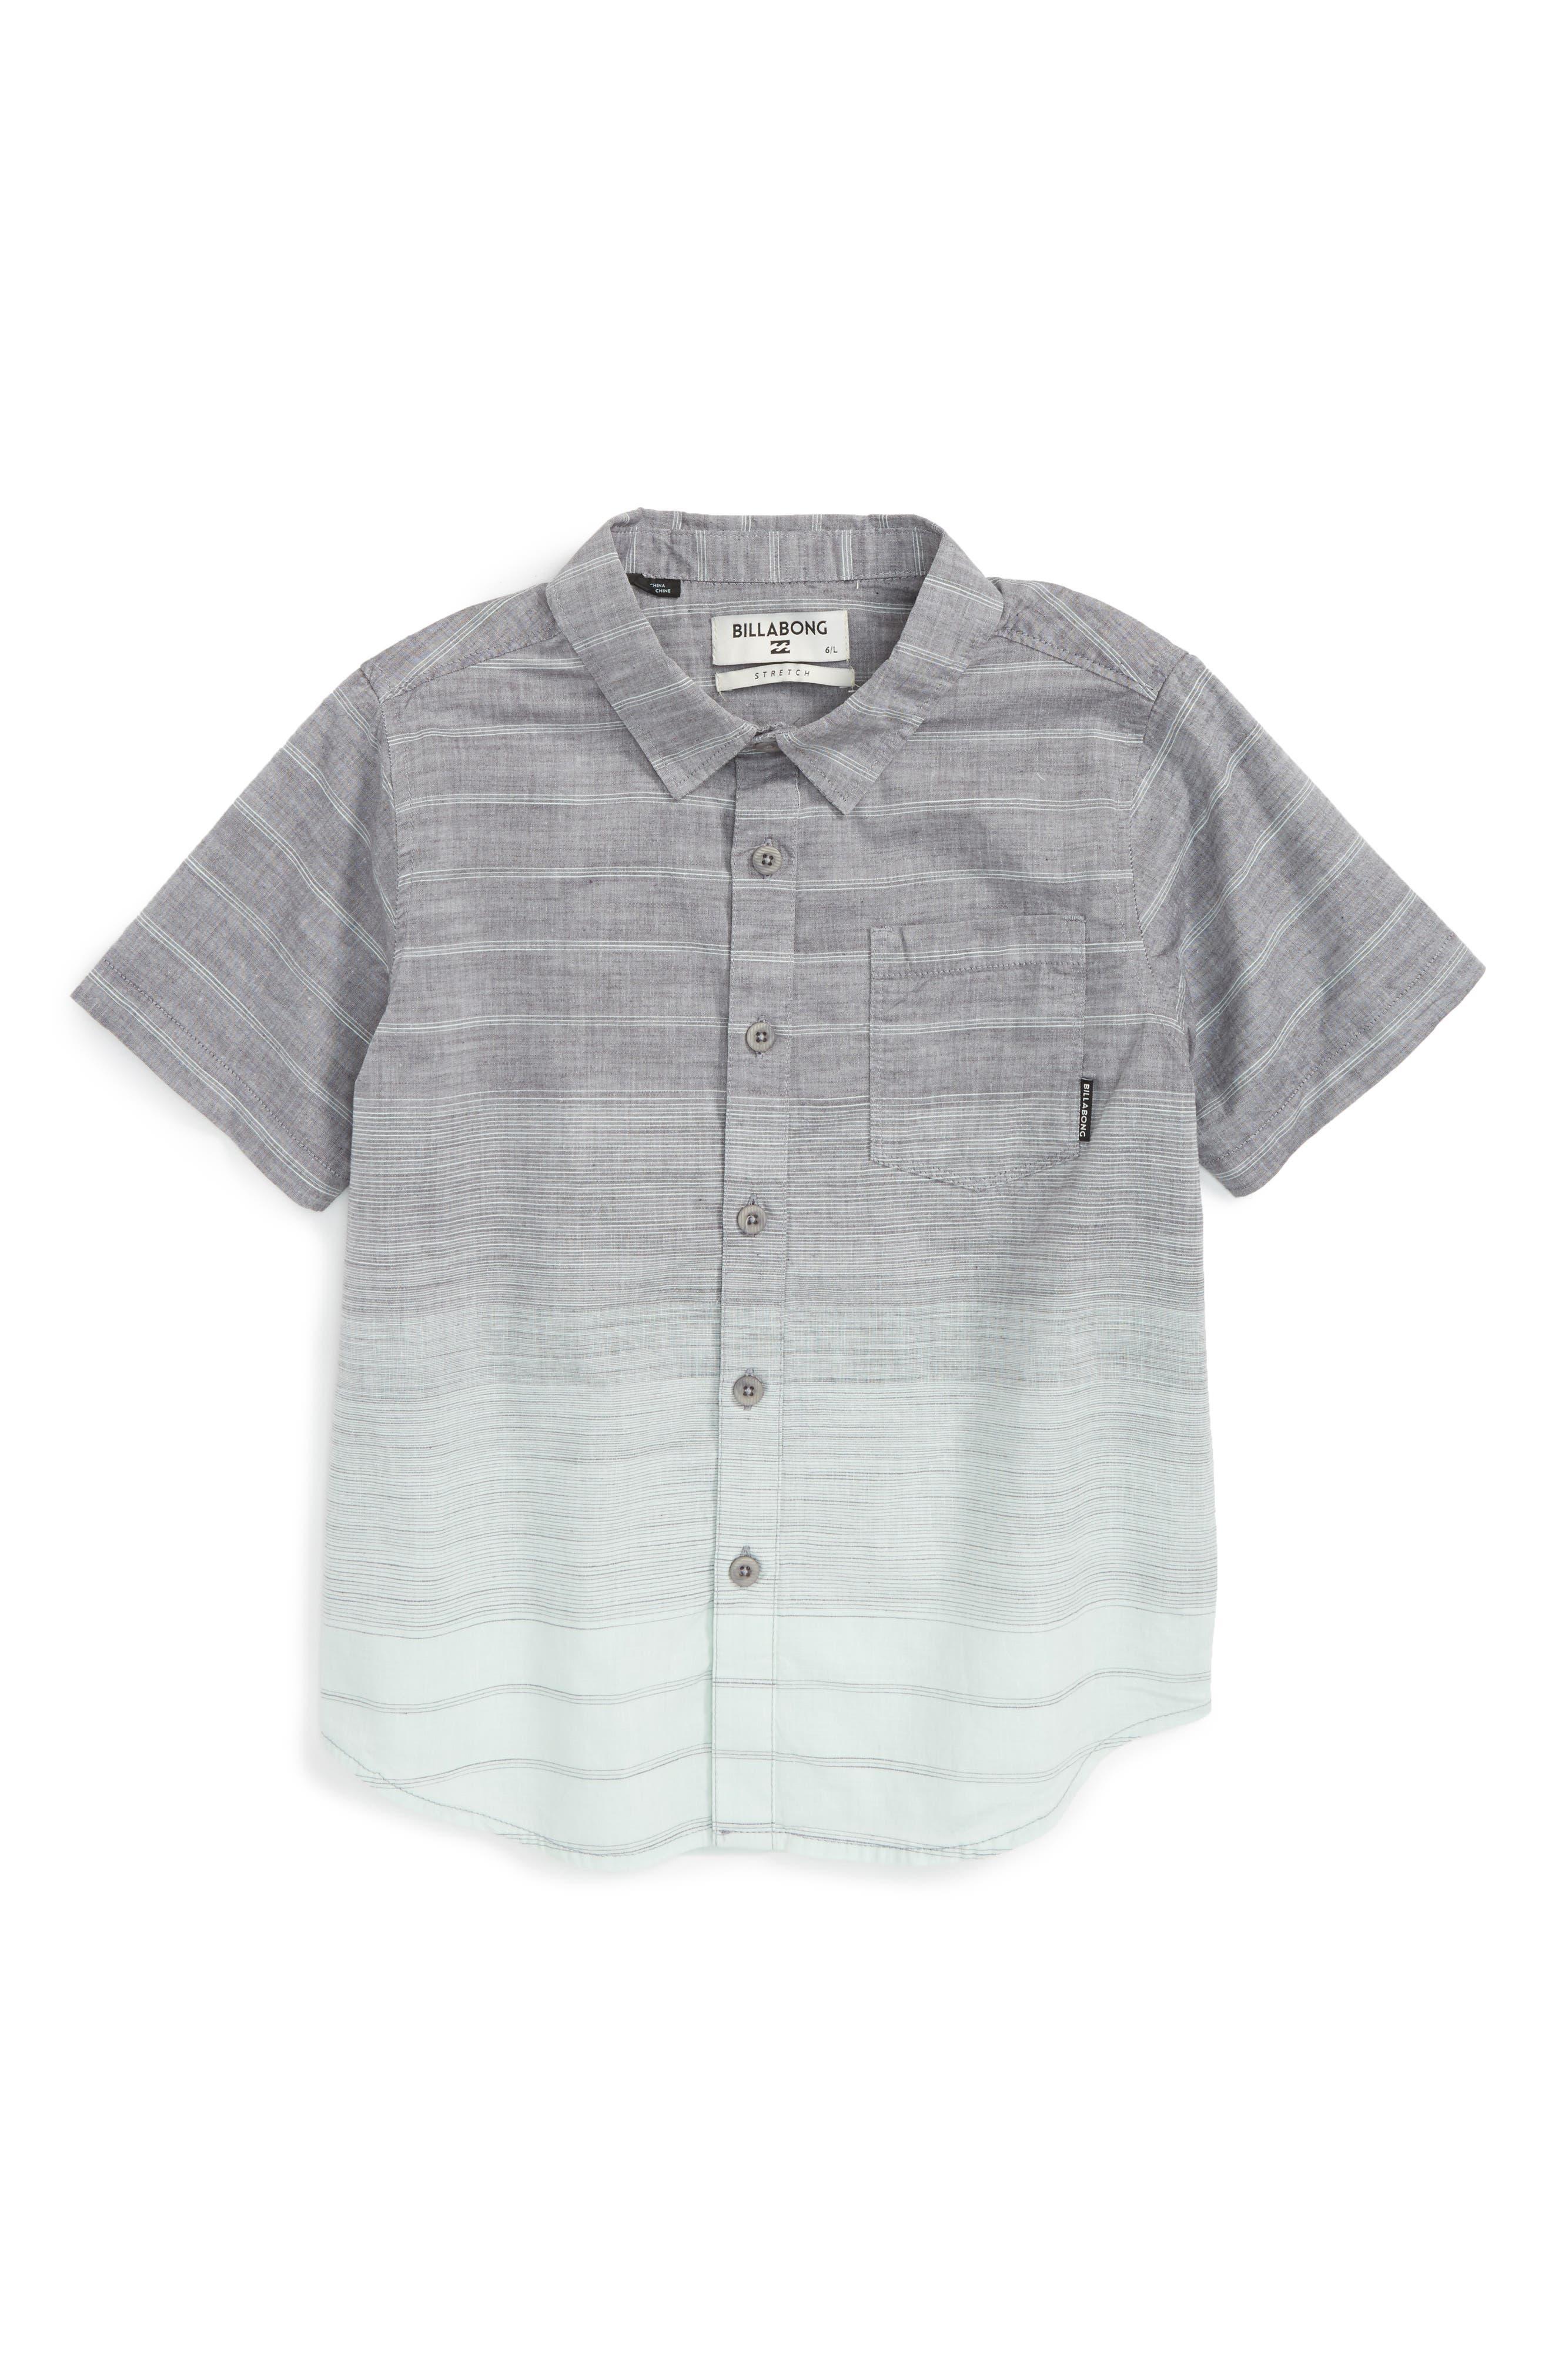 Billabong Faderade Short Sleeve Woven Shirt (Toddler Boys, Little Boys & Big Boys)